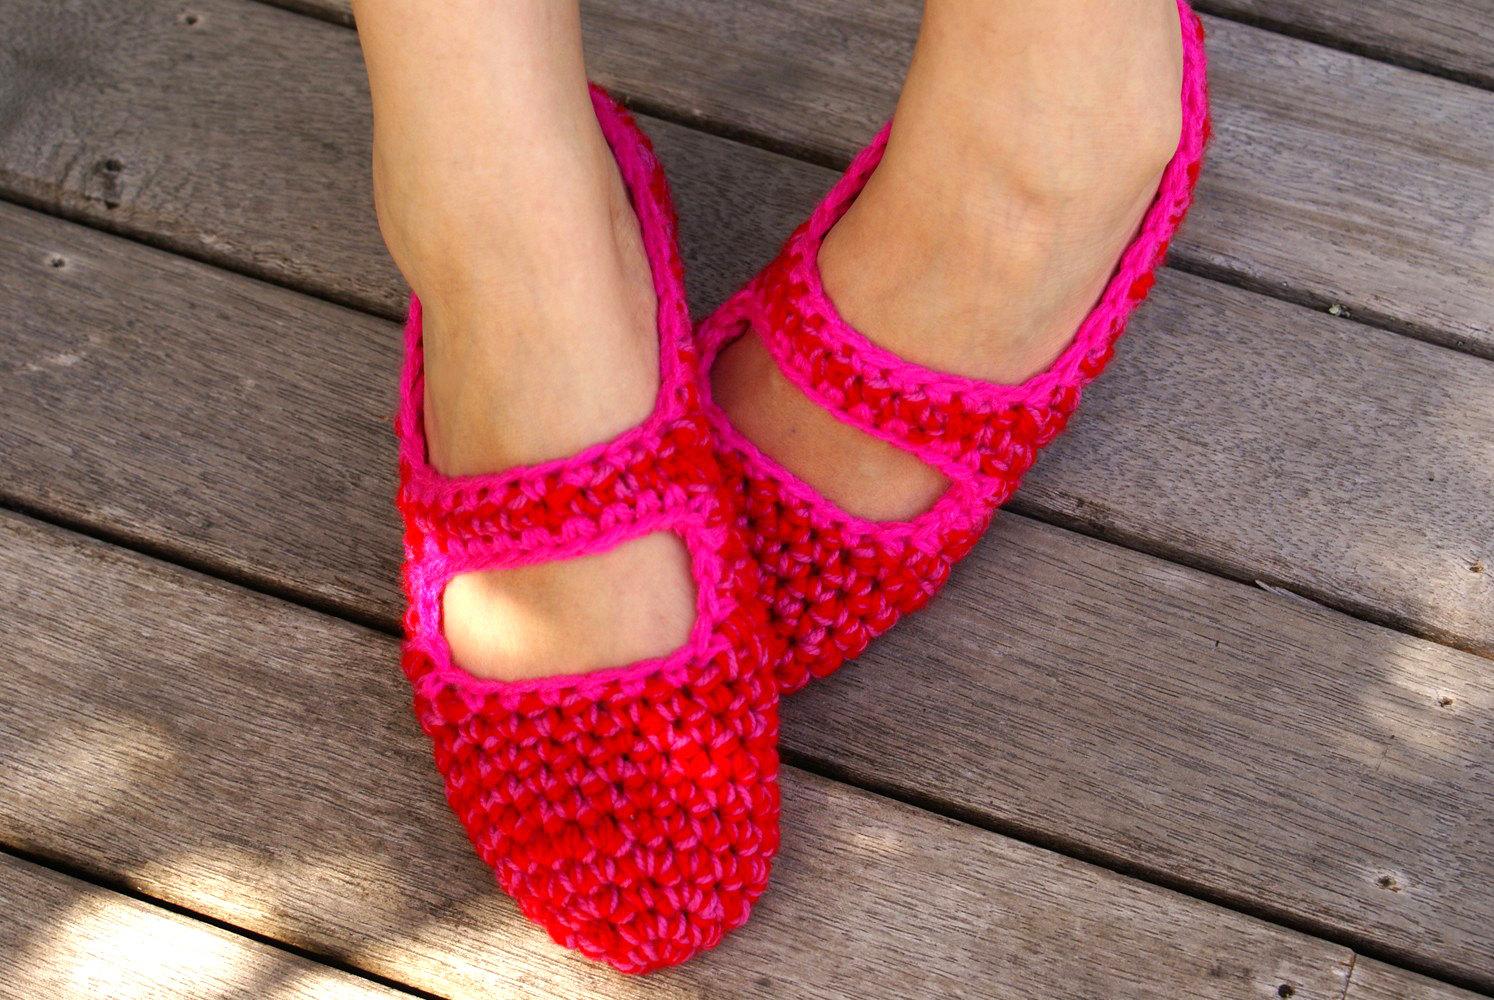 Womenu0026#39;s Crocheted House Shoes In Red U0026 Pink Mary Jane House Slippers Slipper Socks | Felt